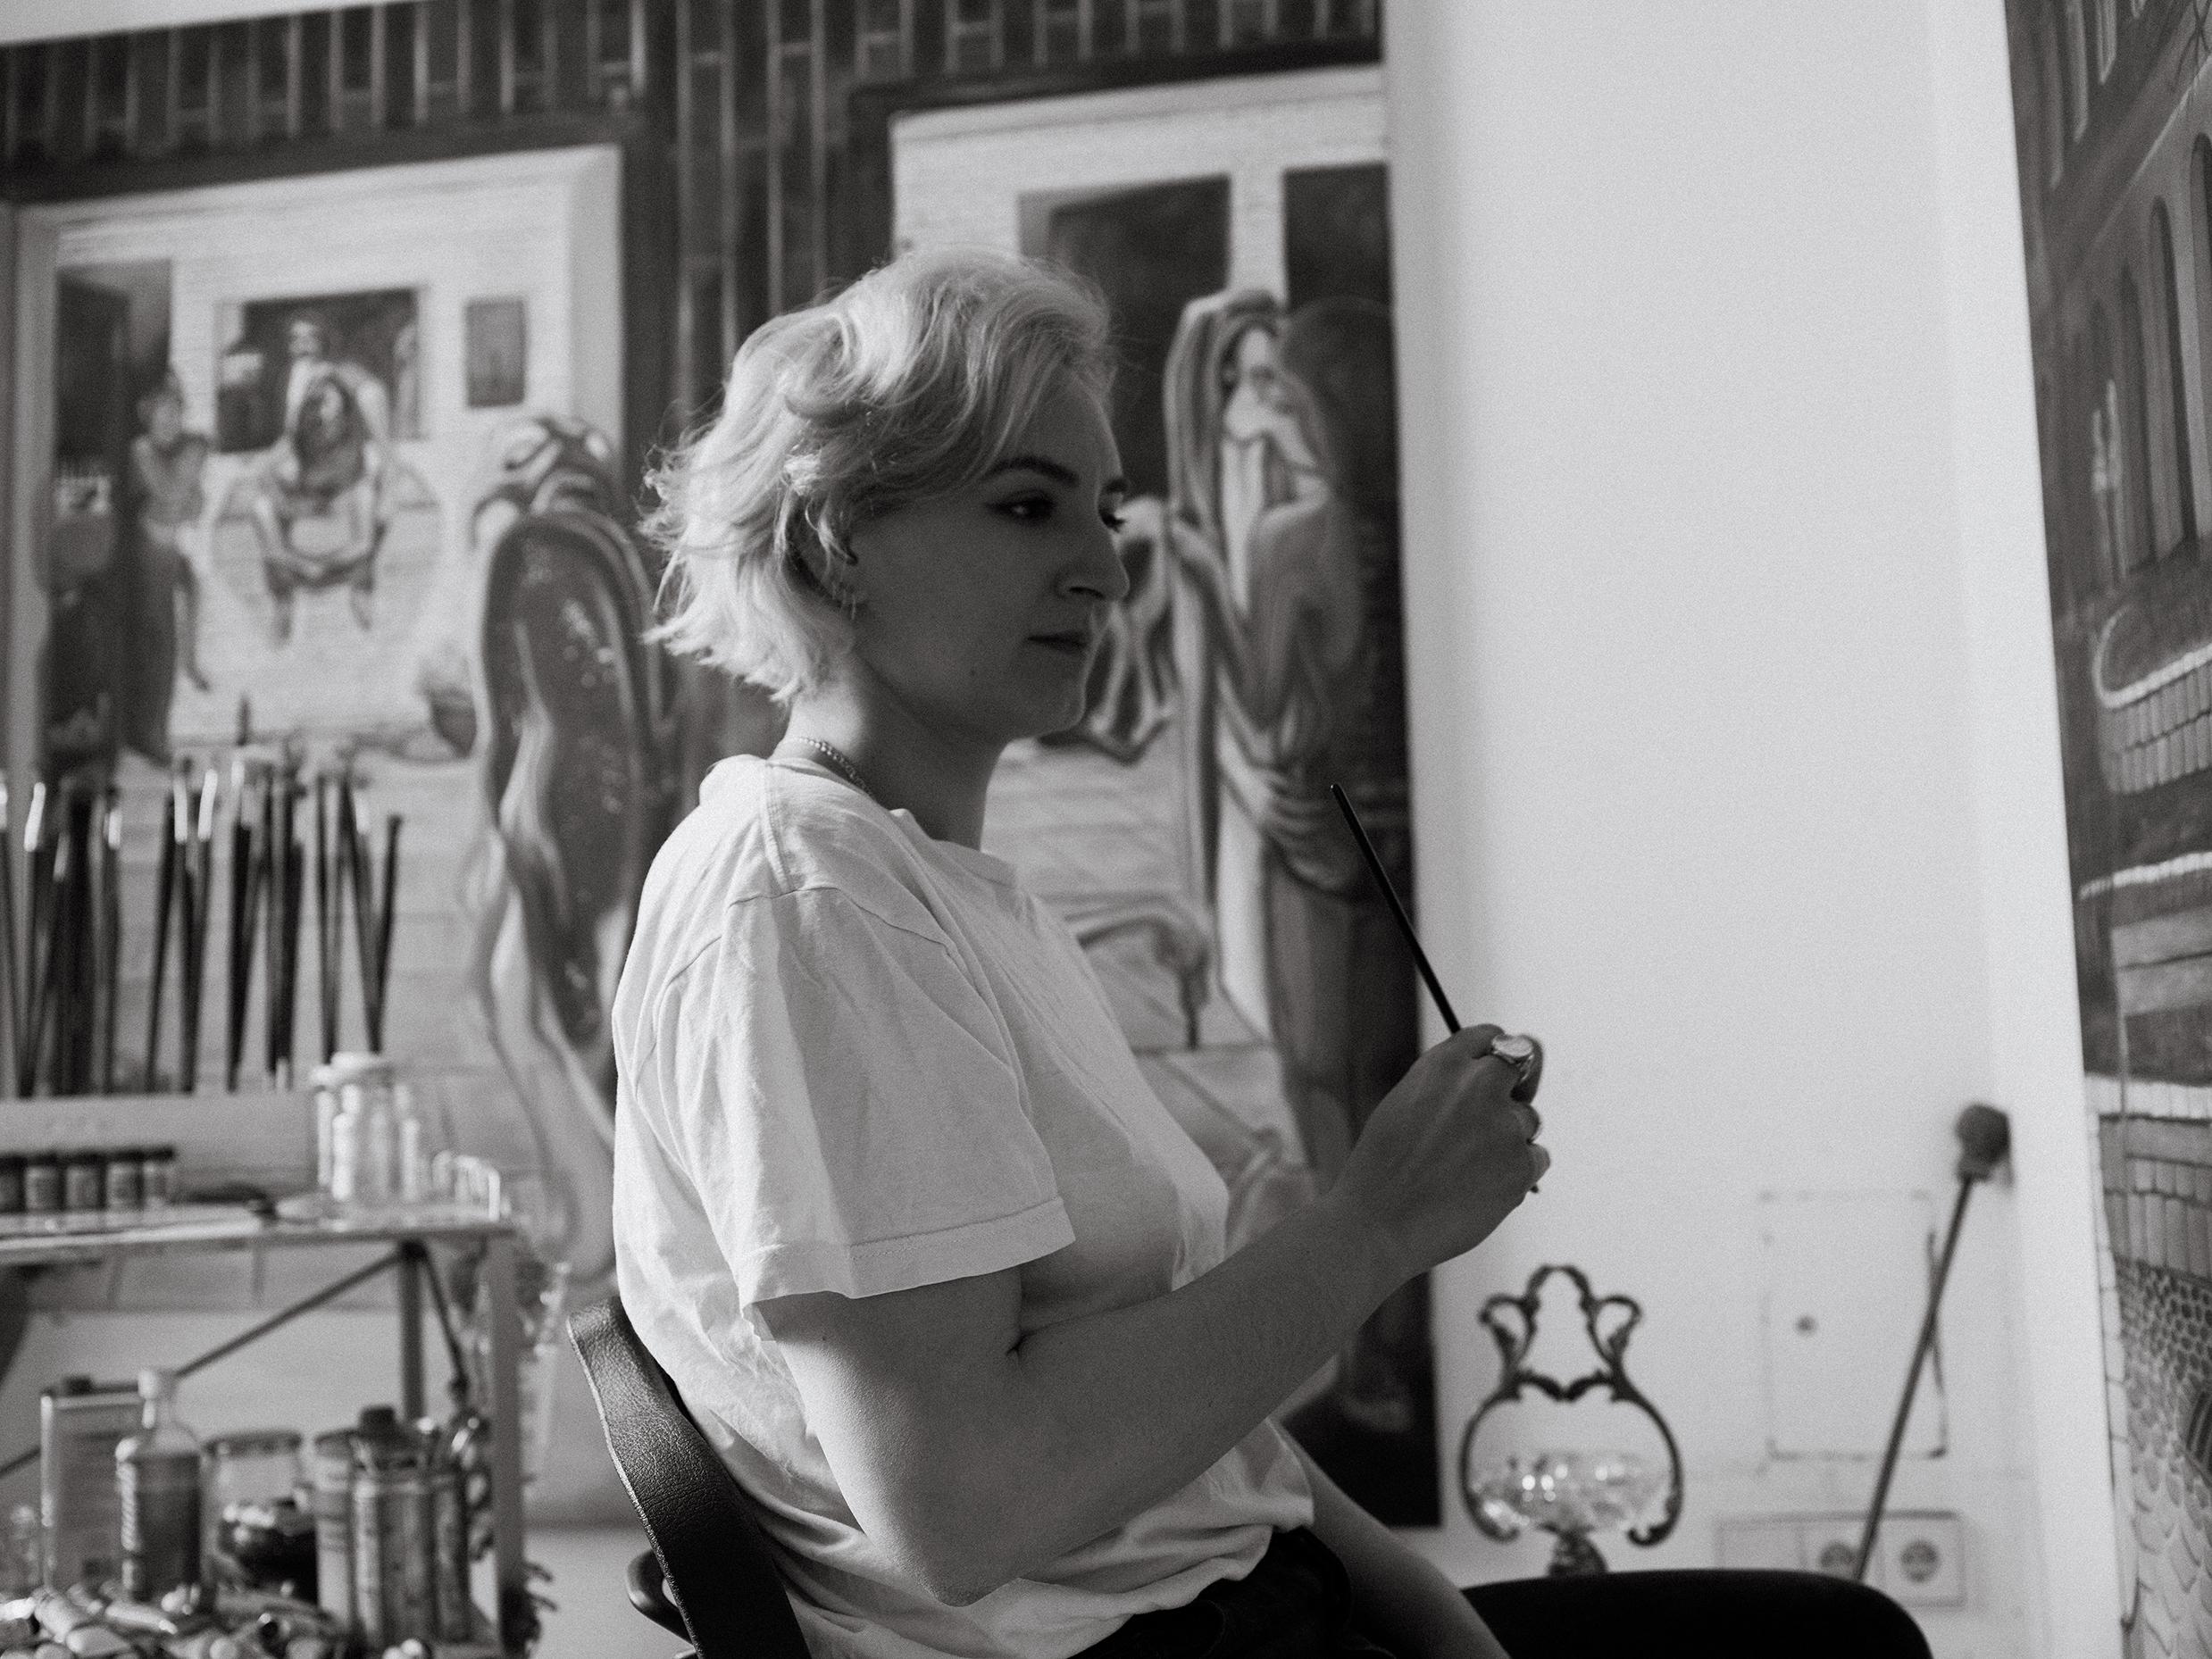 Negra Bernhard in her Studio in Vienna, 2021. | Photo: Gabriel Hyden